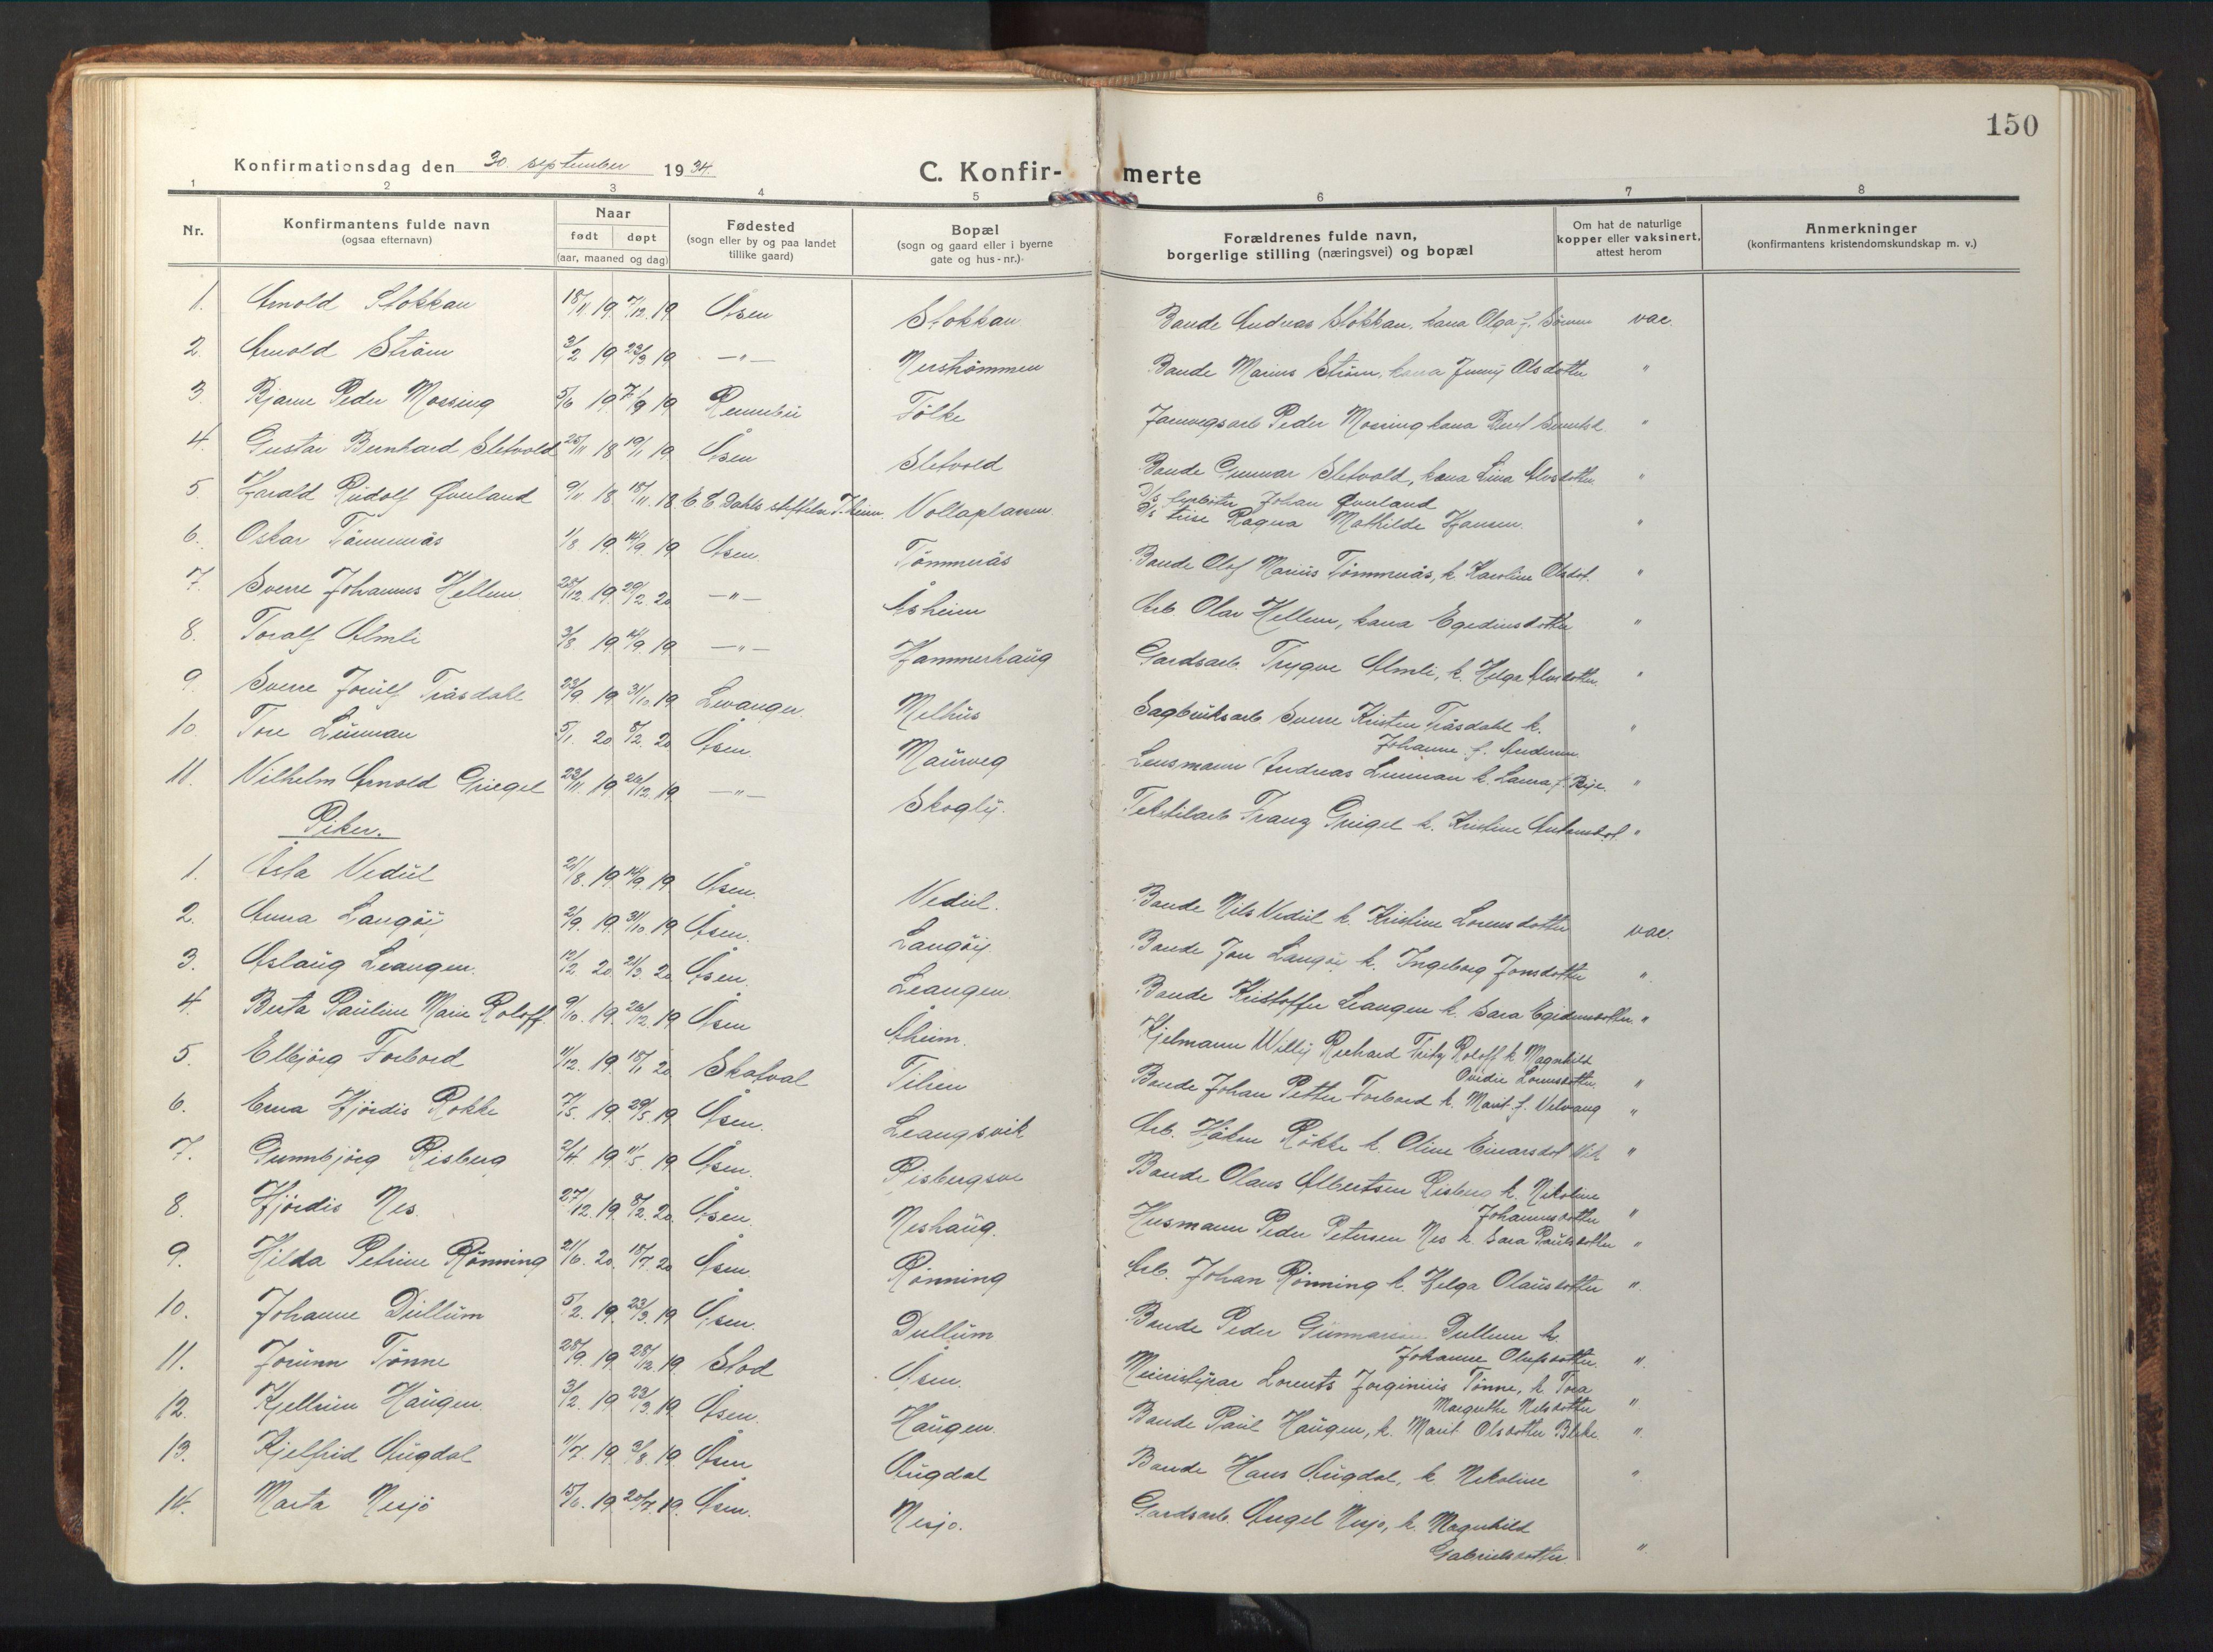 SAT, Ministerialprotokoller, klokkerbøker og fødselsregistre - Nord-Trøndelag, 714/L0136: Klokkerbok nr. 714C05, 1918-1957, s. 150